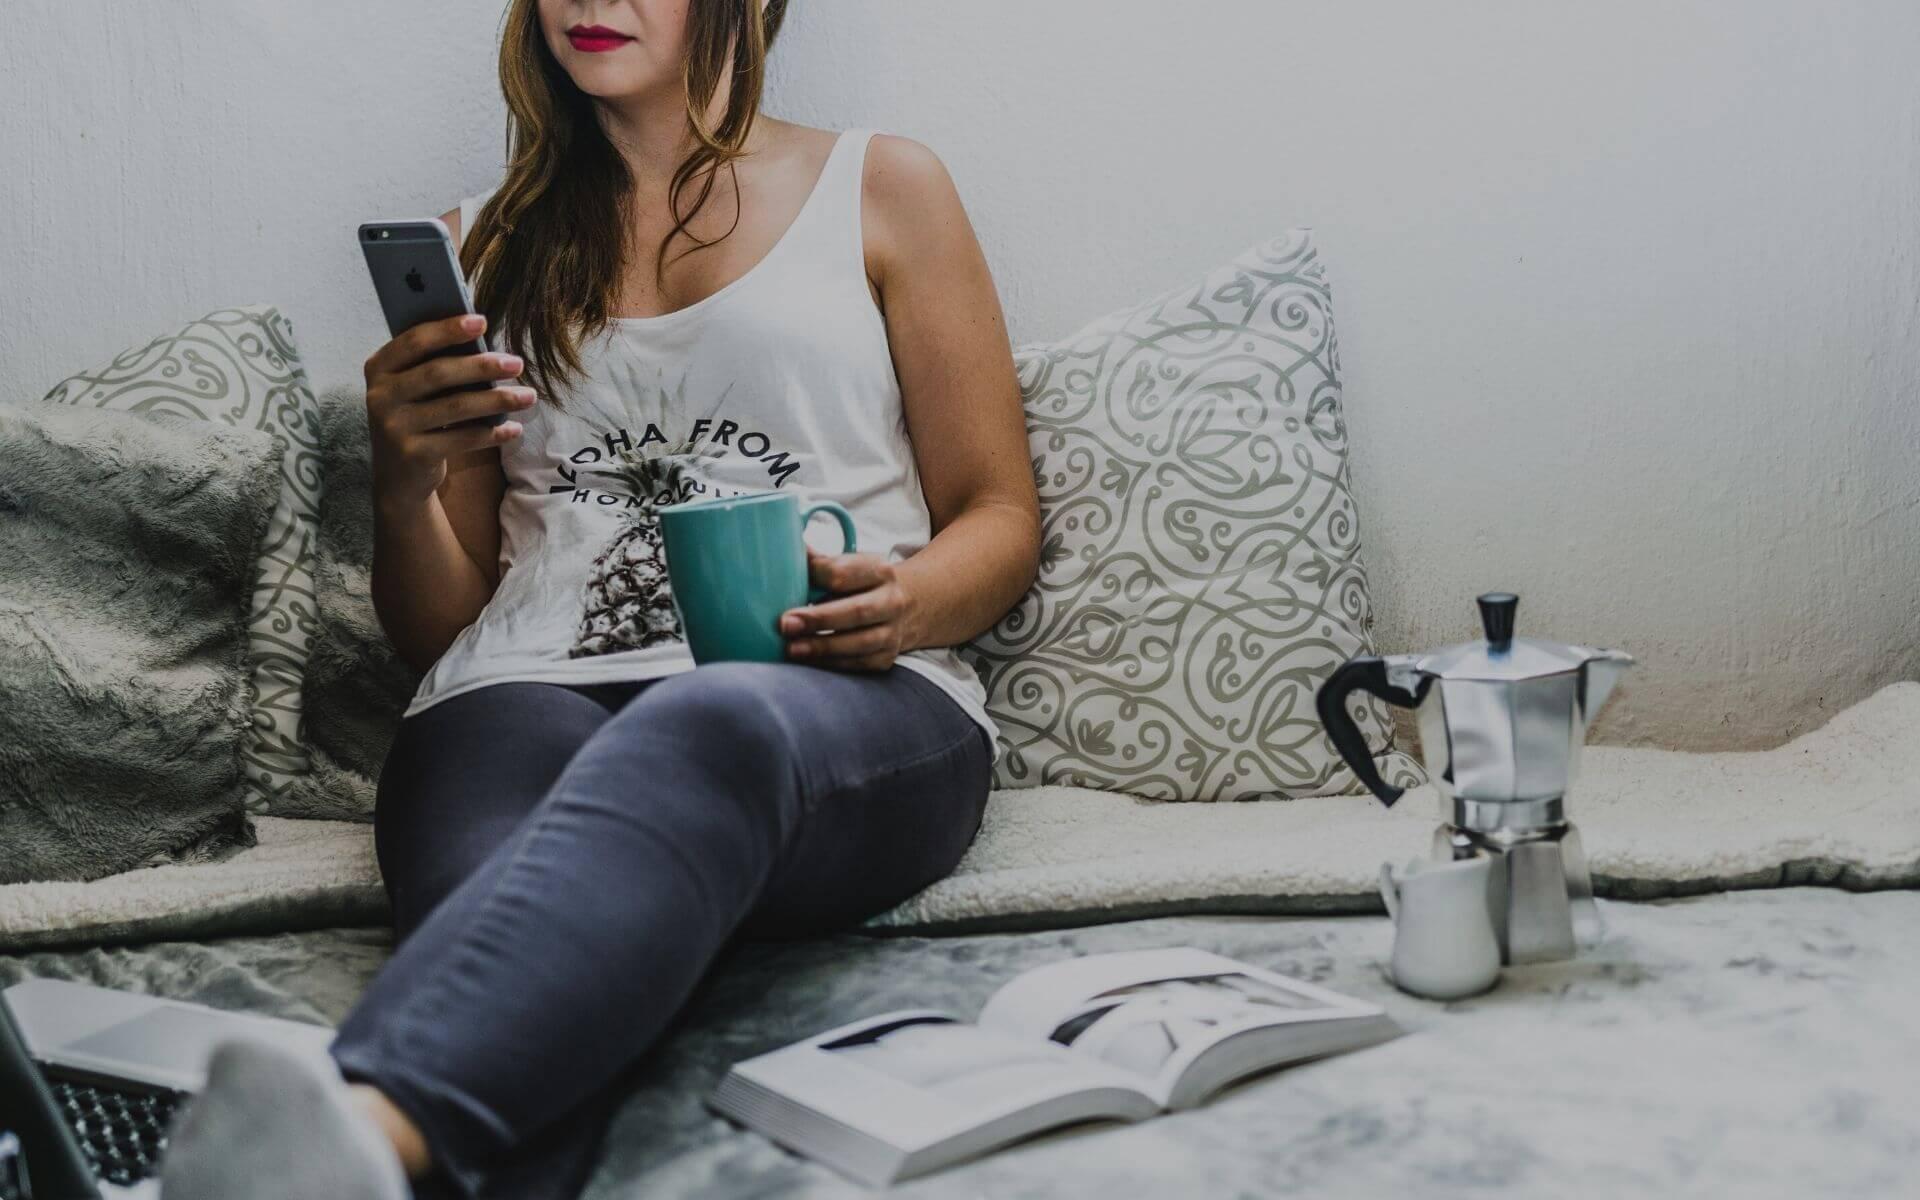 35 traumhaft schöne Status-Sprüche für Whatsapp!